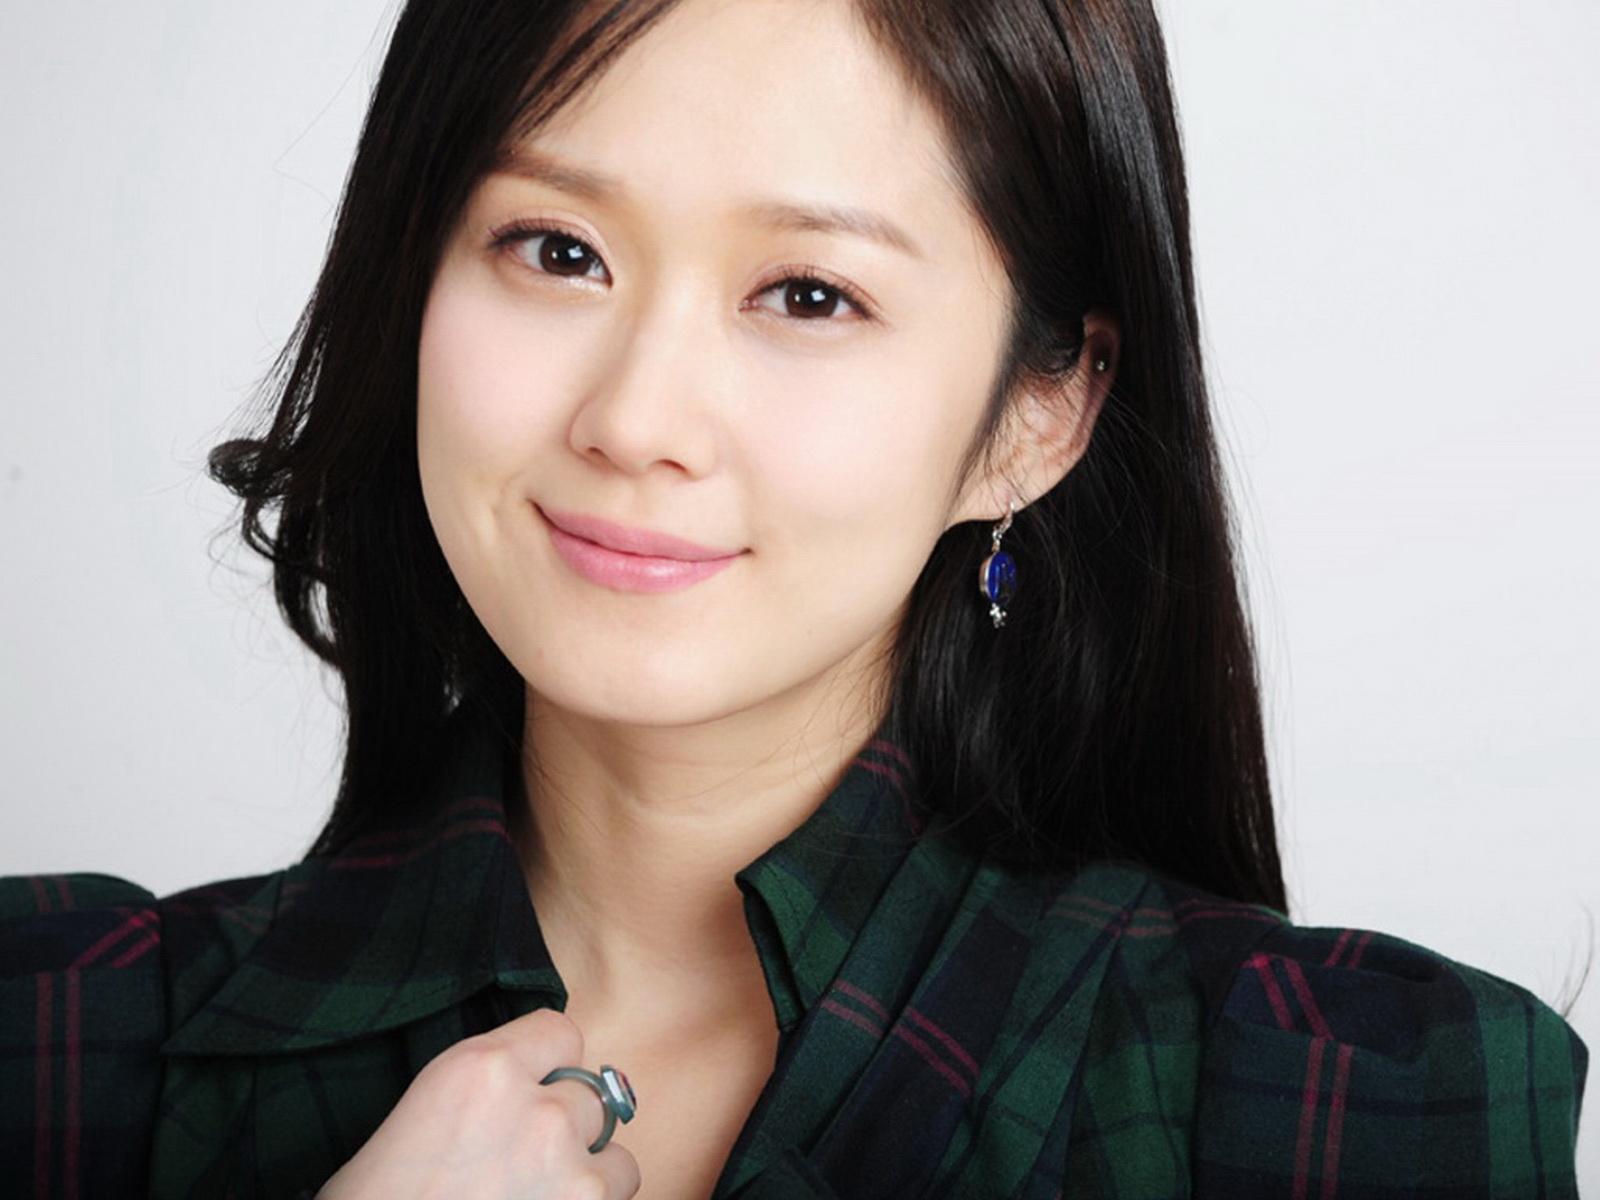 韩国女明星 张娜拉031600x1200壁纸